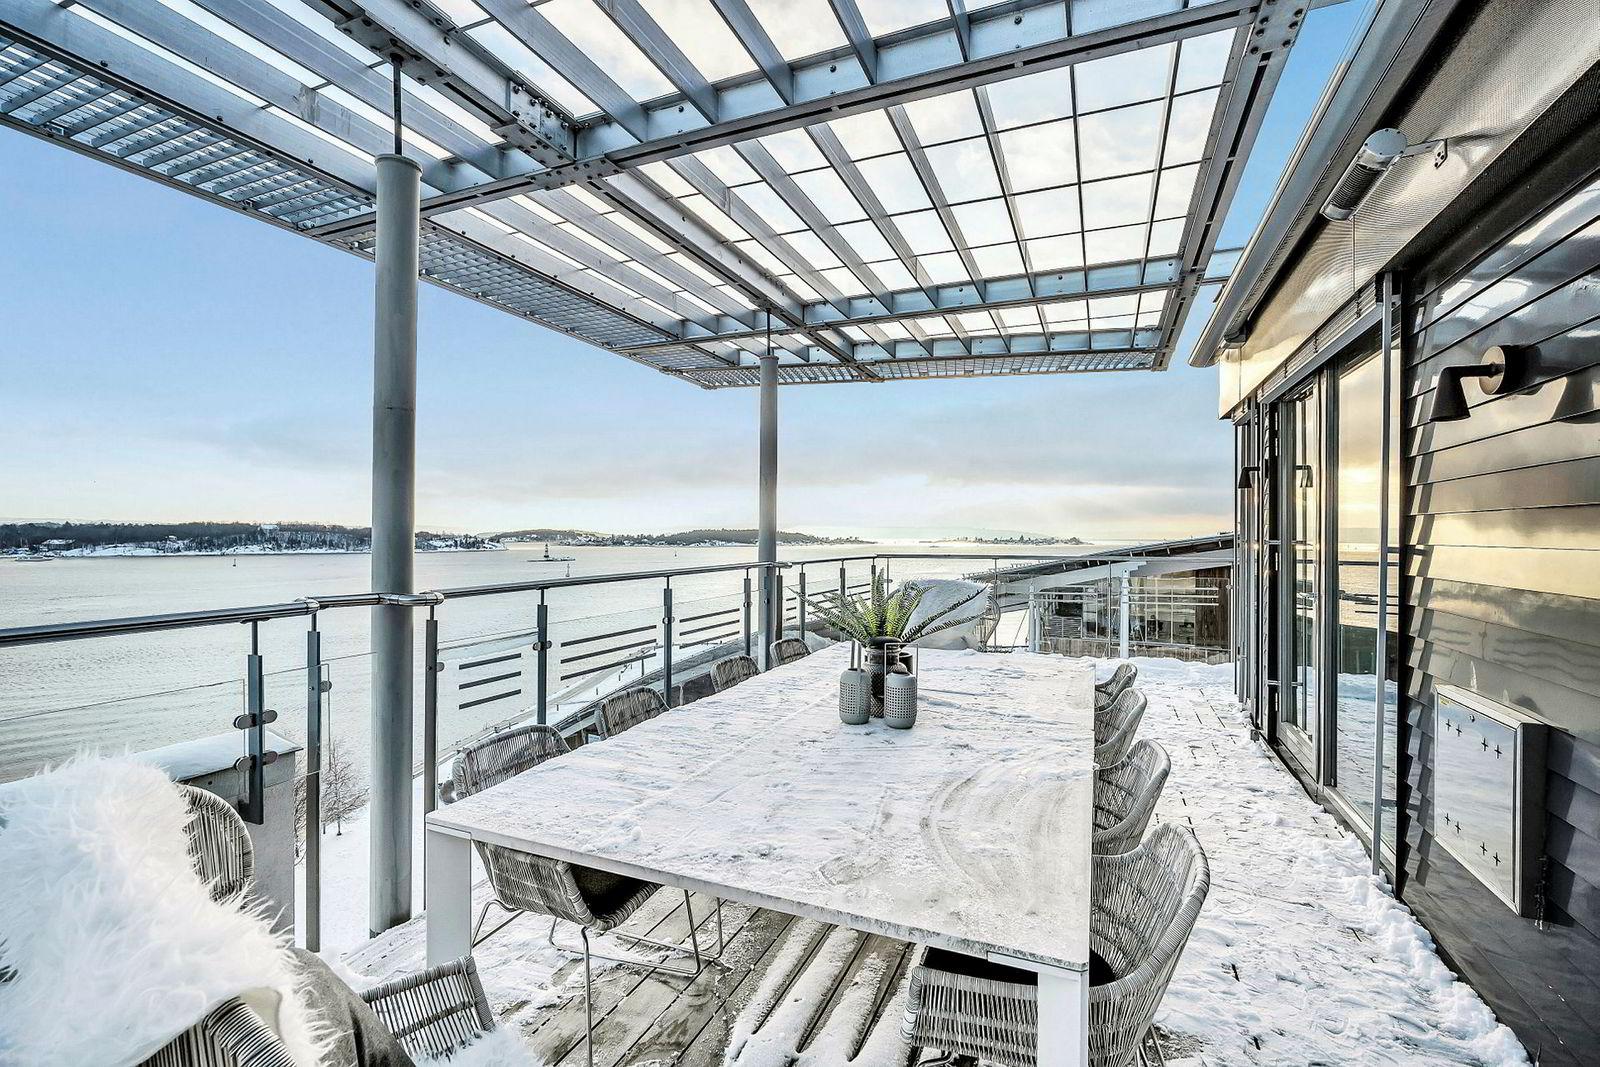 Ifølge prospektet har leiligheten «Panoramautsikt i flere retninger fra leiligheten mot sjøen, båthavnen, Akershus samt deler av Tjuvholmen og Aker Brygge.»